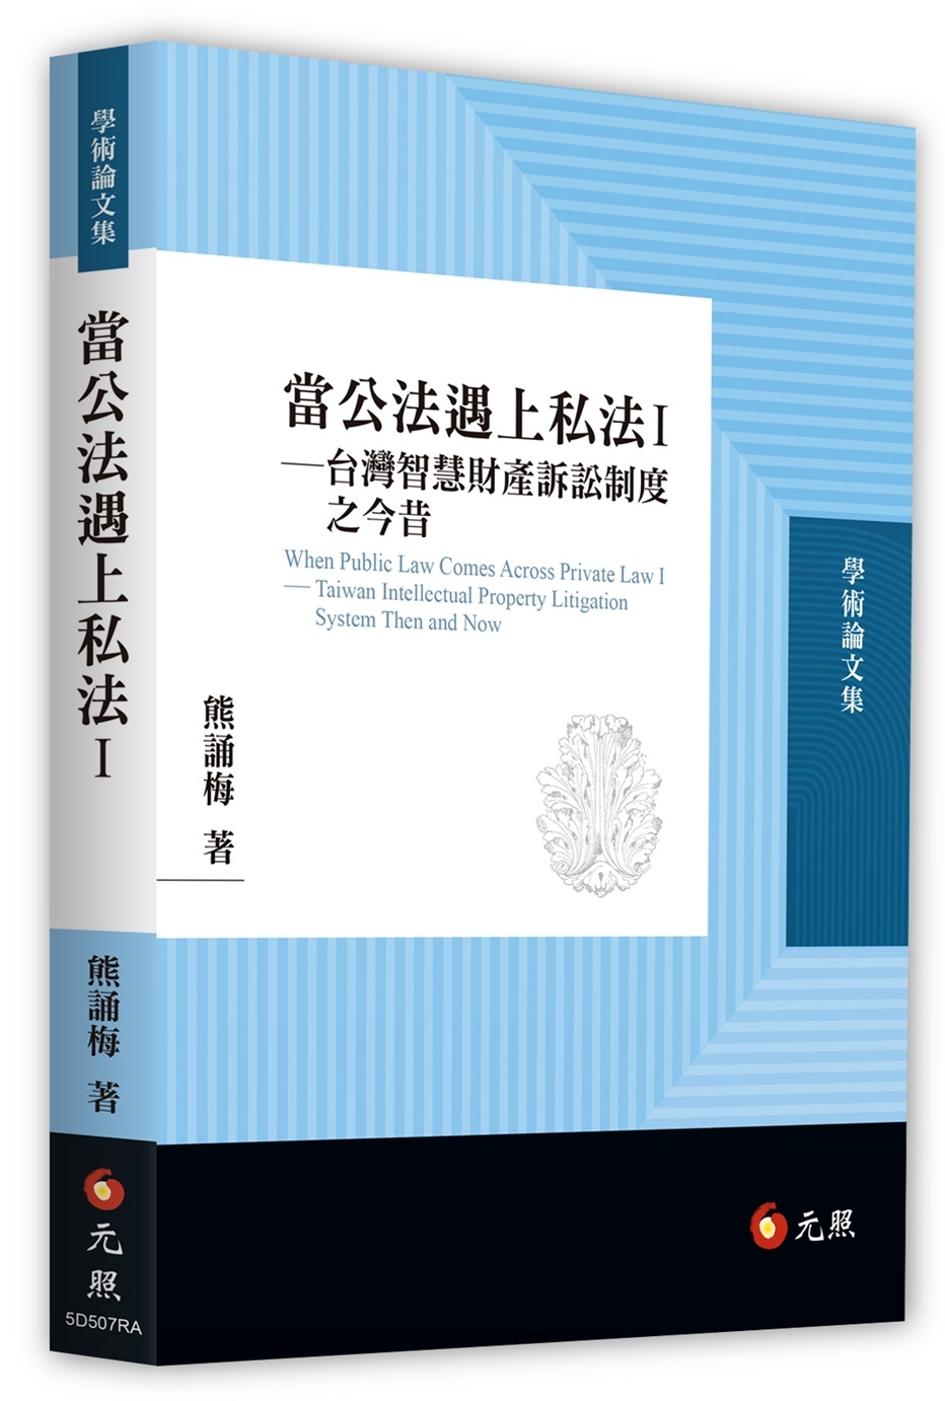 當公法遇上私法 I:台灣智慧財產訴訟制度之今昔